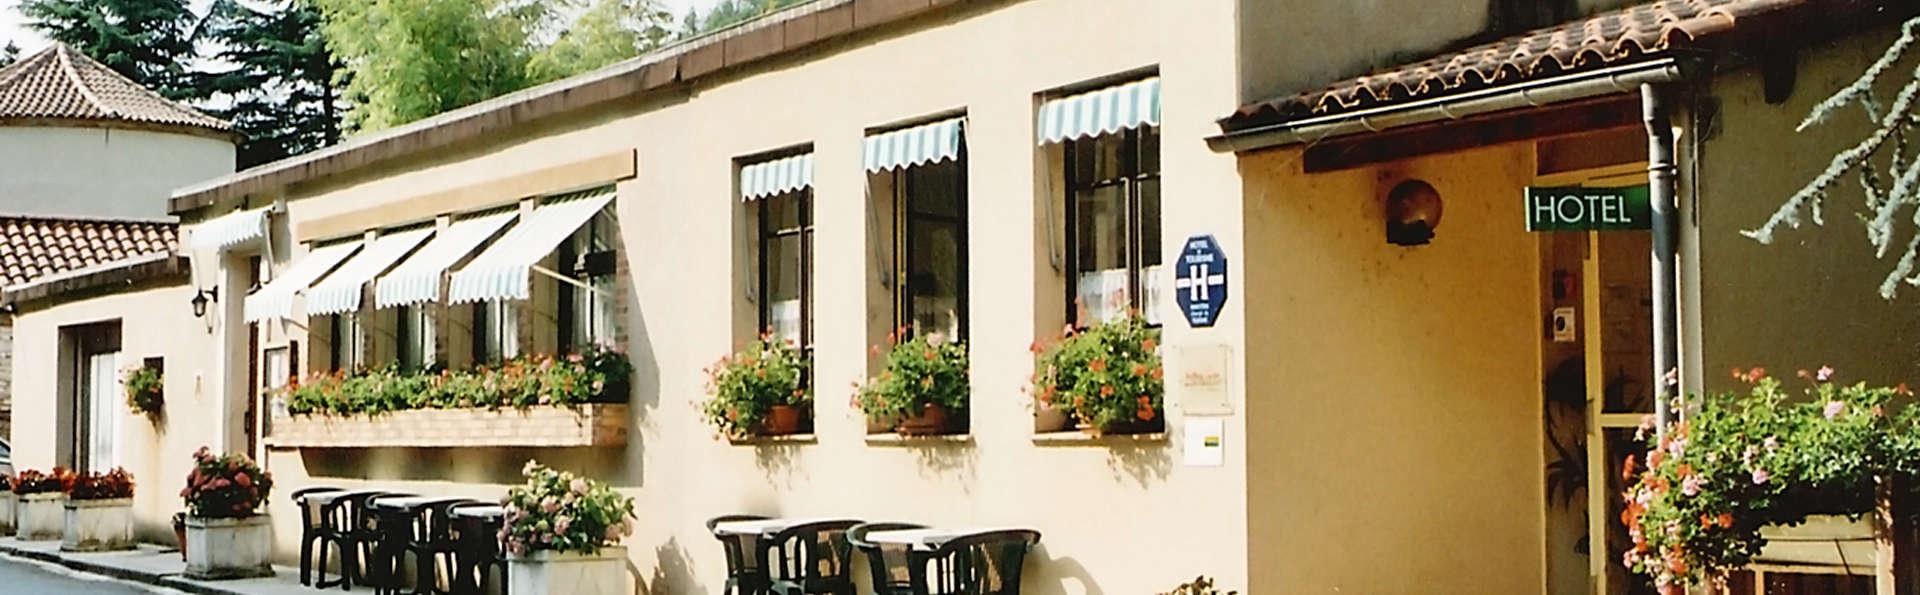 Hôtel Restaurant Les Falaises - edit_front2.jpg